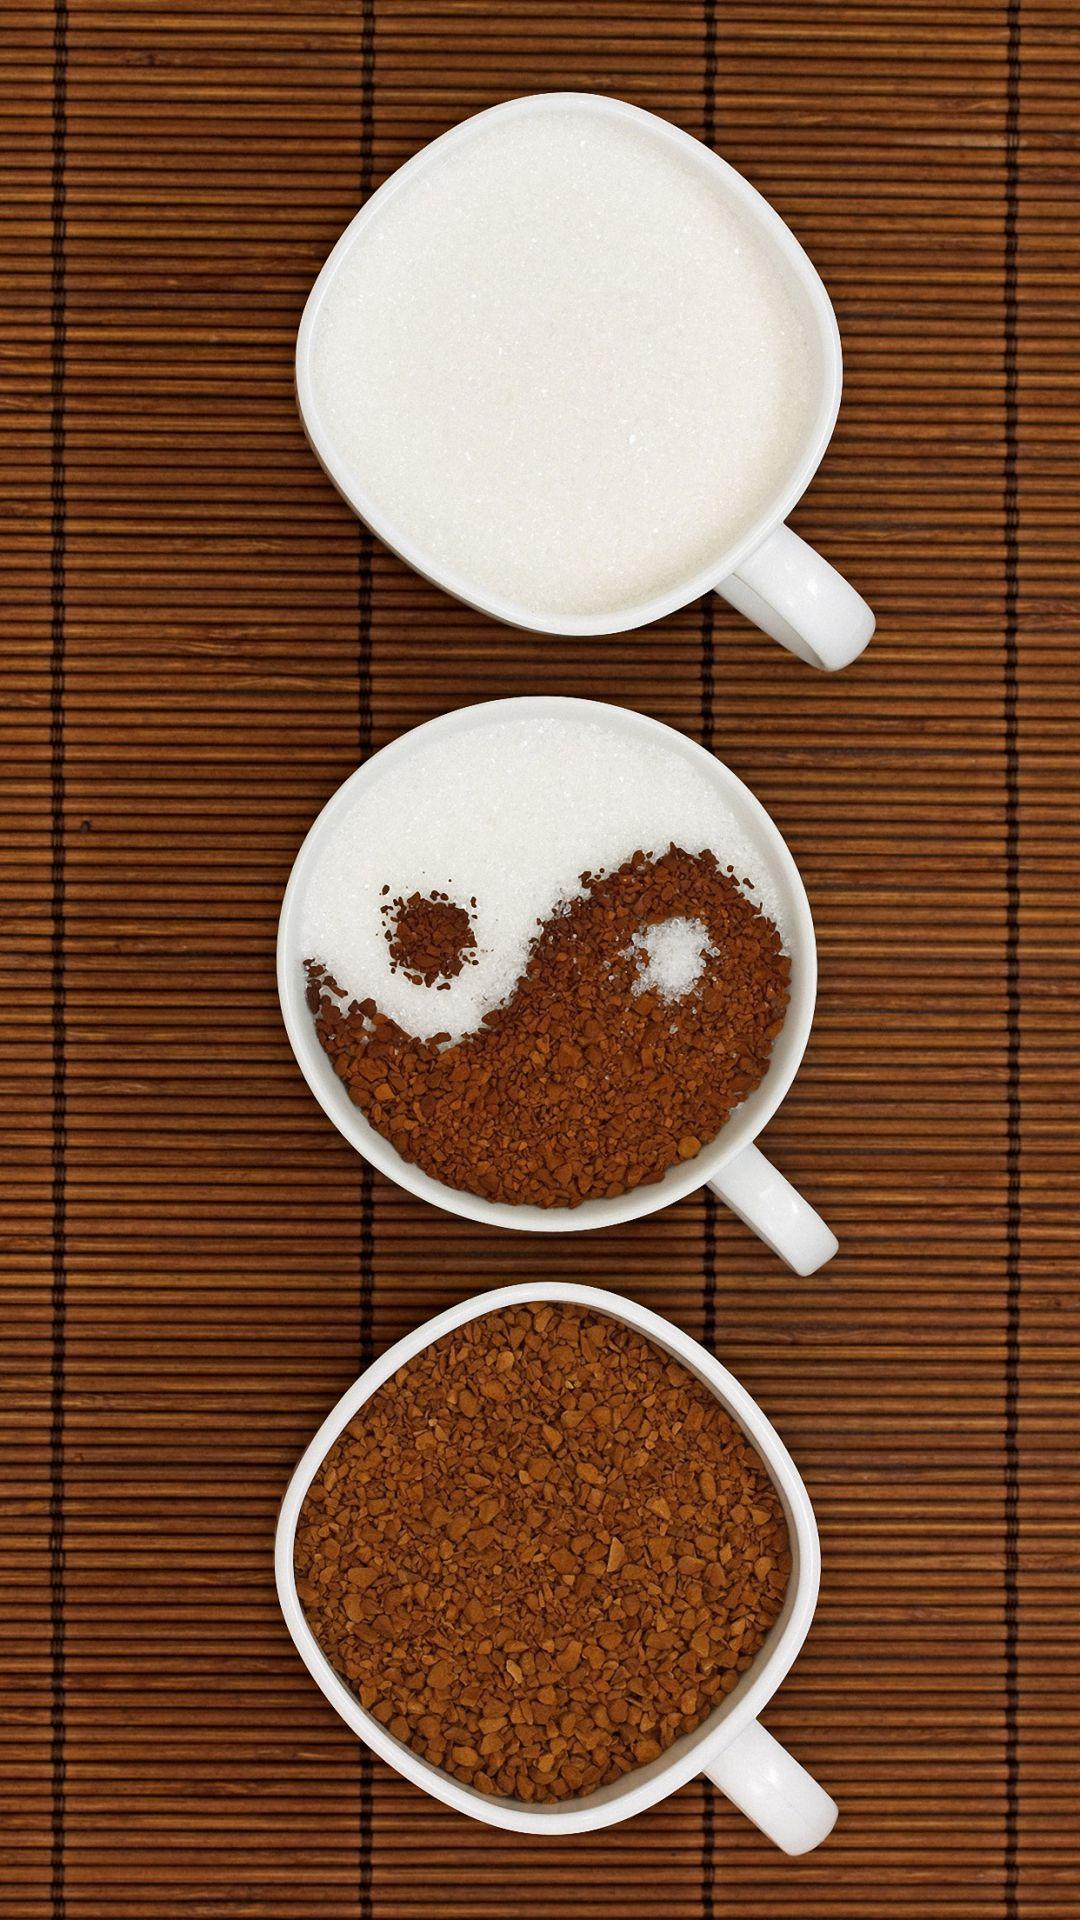 Iphone wallpaper tumblr yin yang - Hd Cute Yin Yang Coffee Iphone 6 6s Plus Wallpapers Cute Mobile Backgrounds